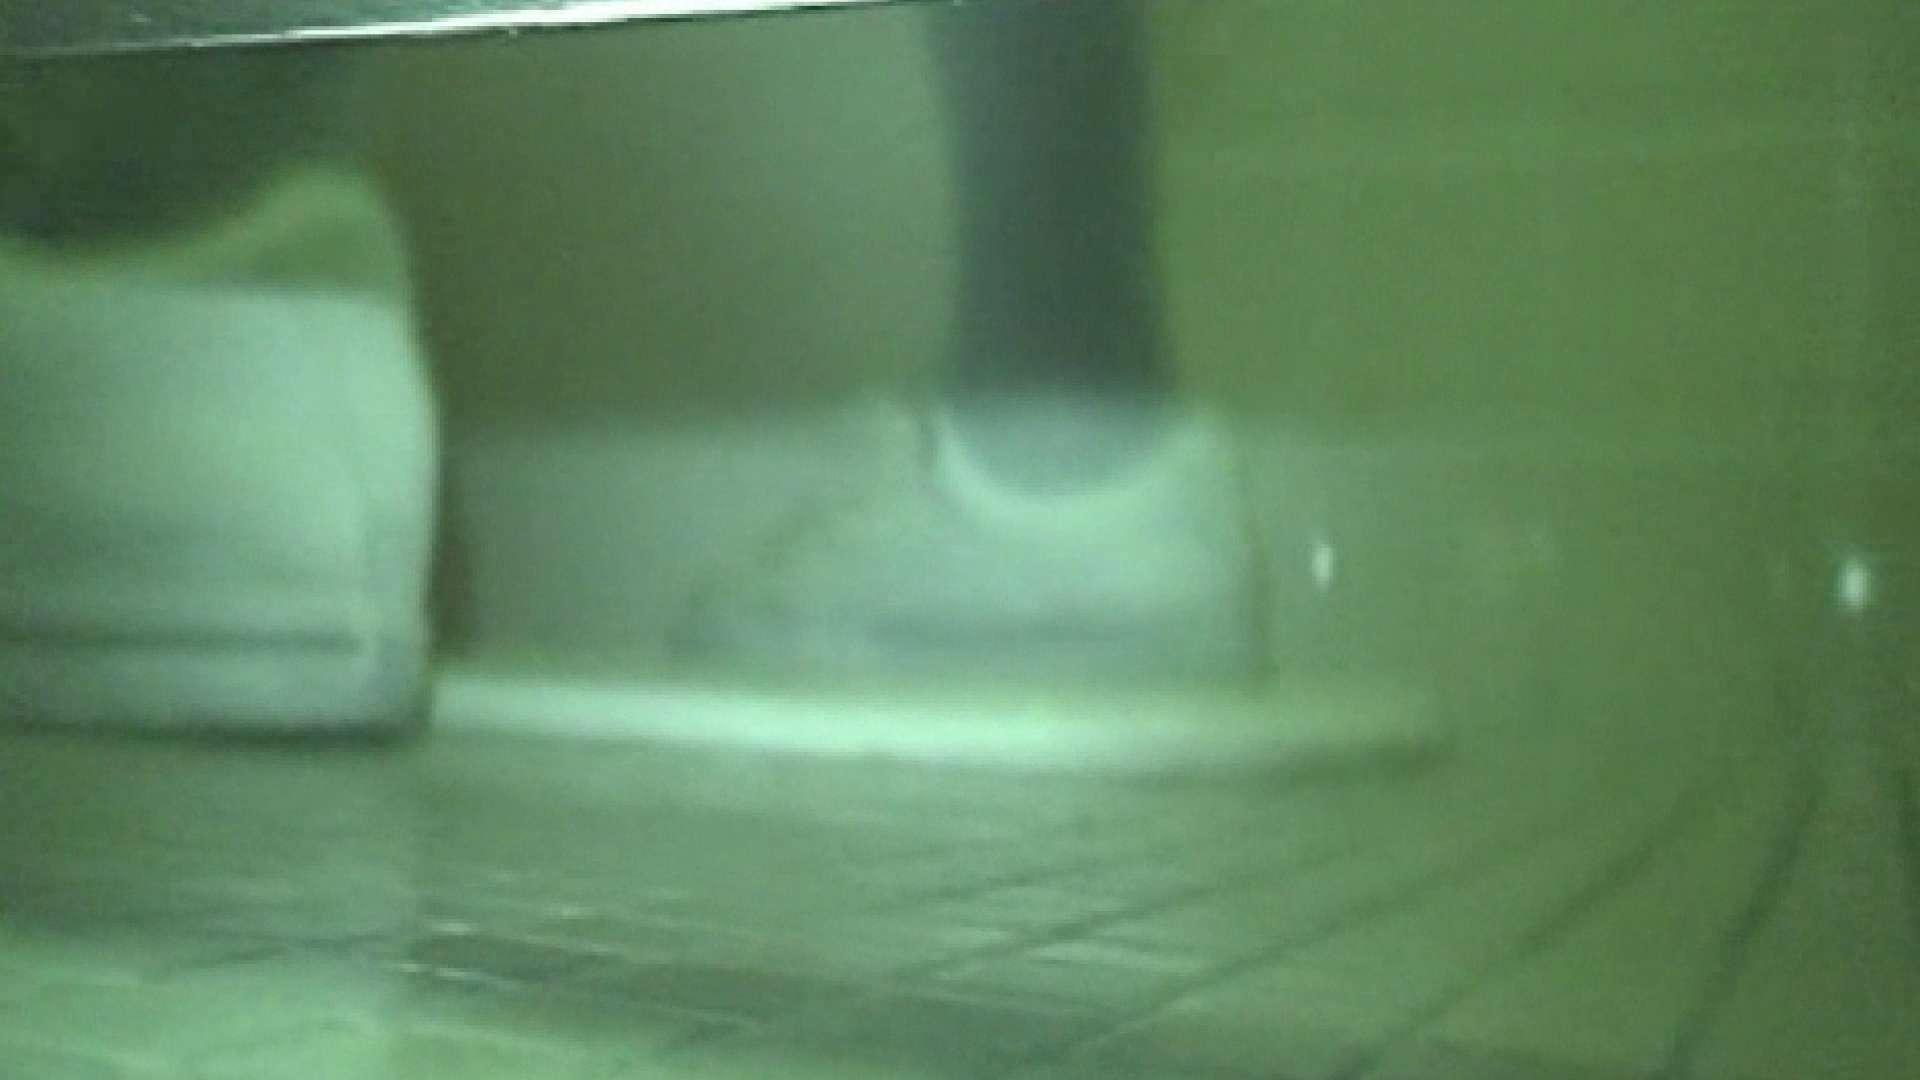 ロックハンドさんの盗撮記録File.67 無料オマンコ のぞき動画画像 79PICs 75